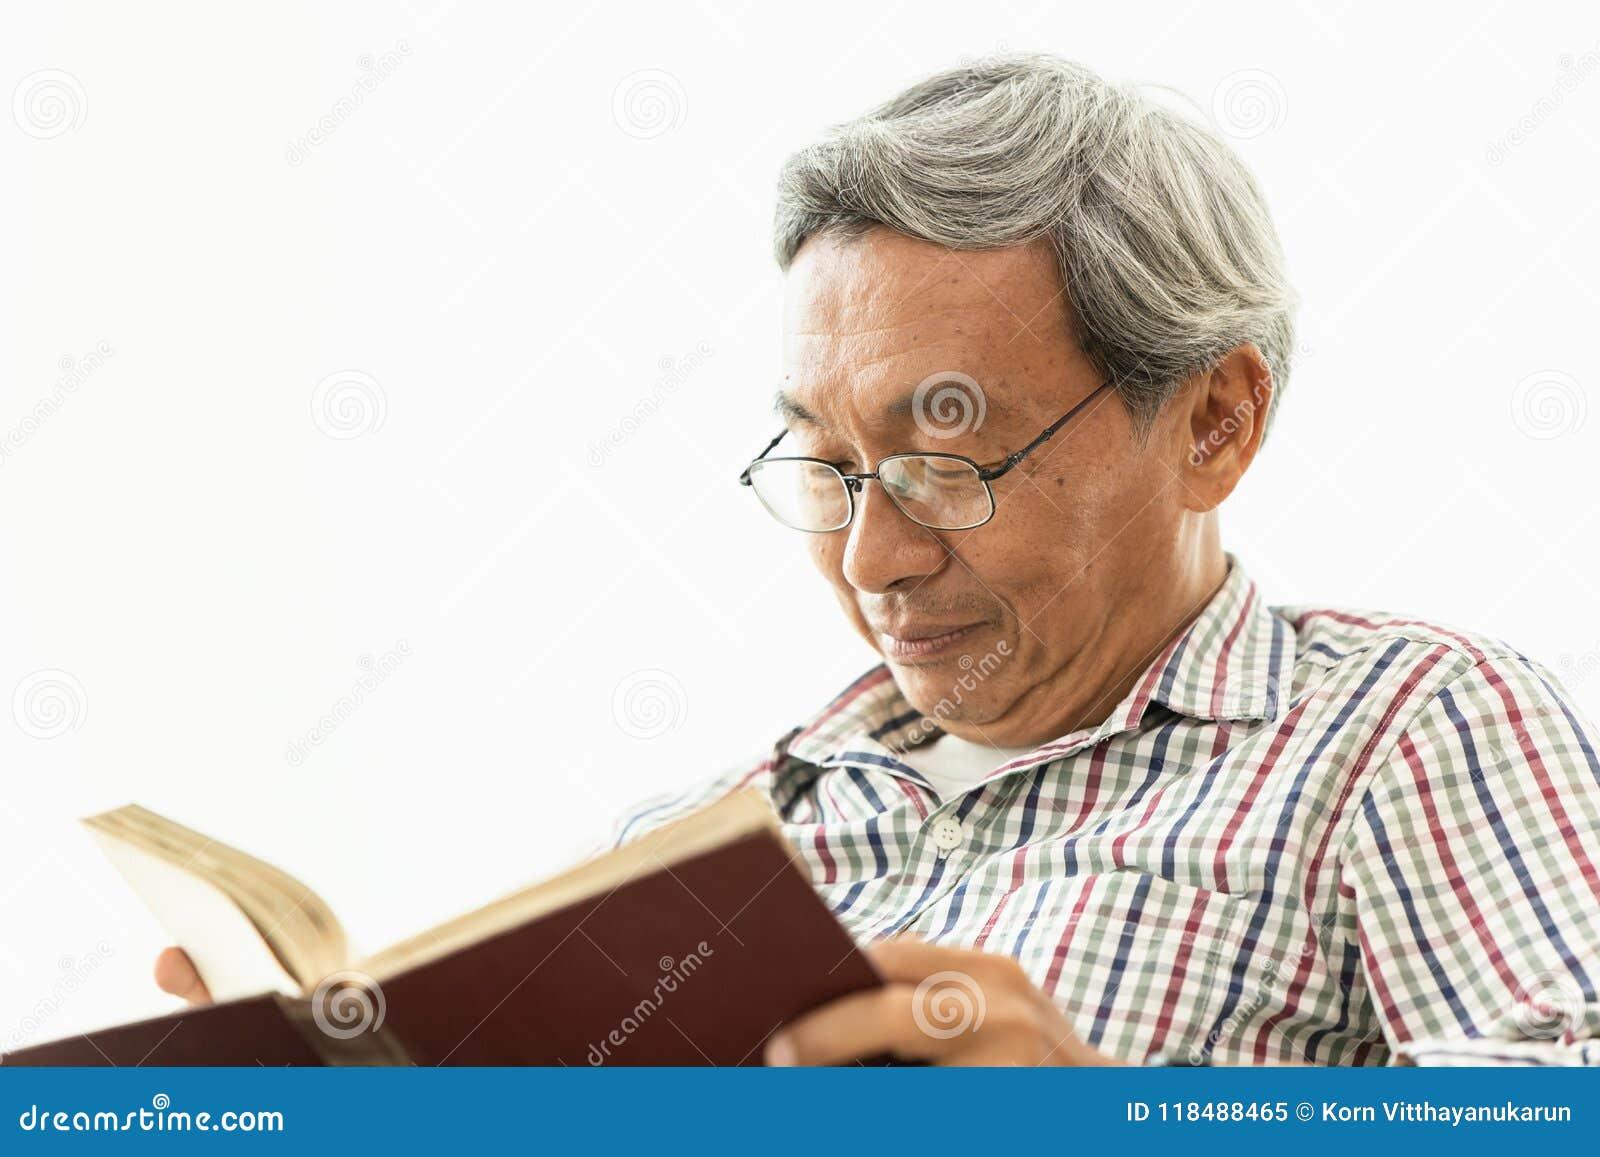 Amile Lehrbuch asiatischen Glasprofessors des alten Mannes Lese